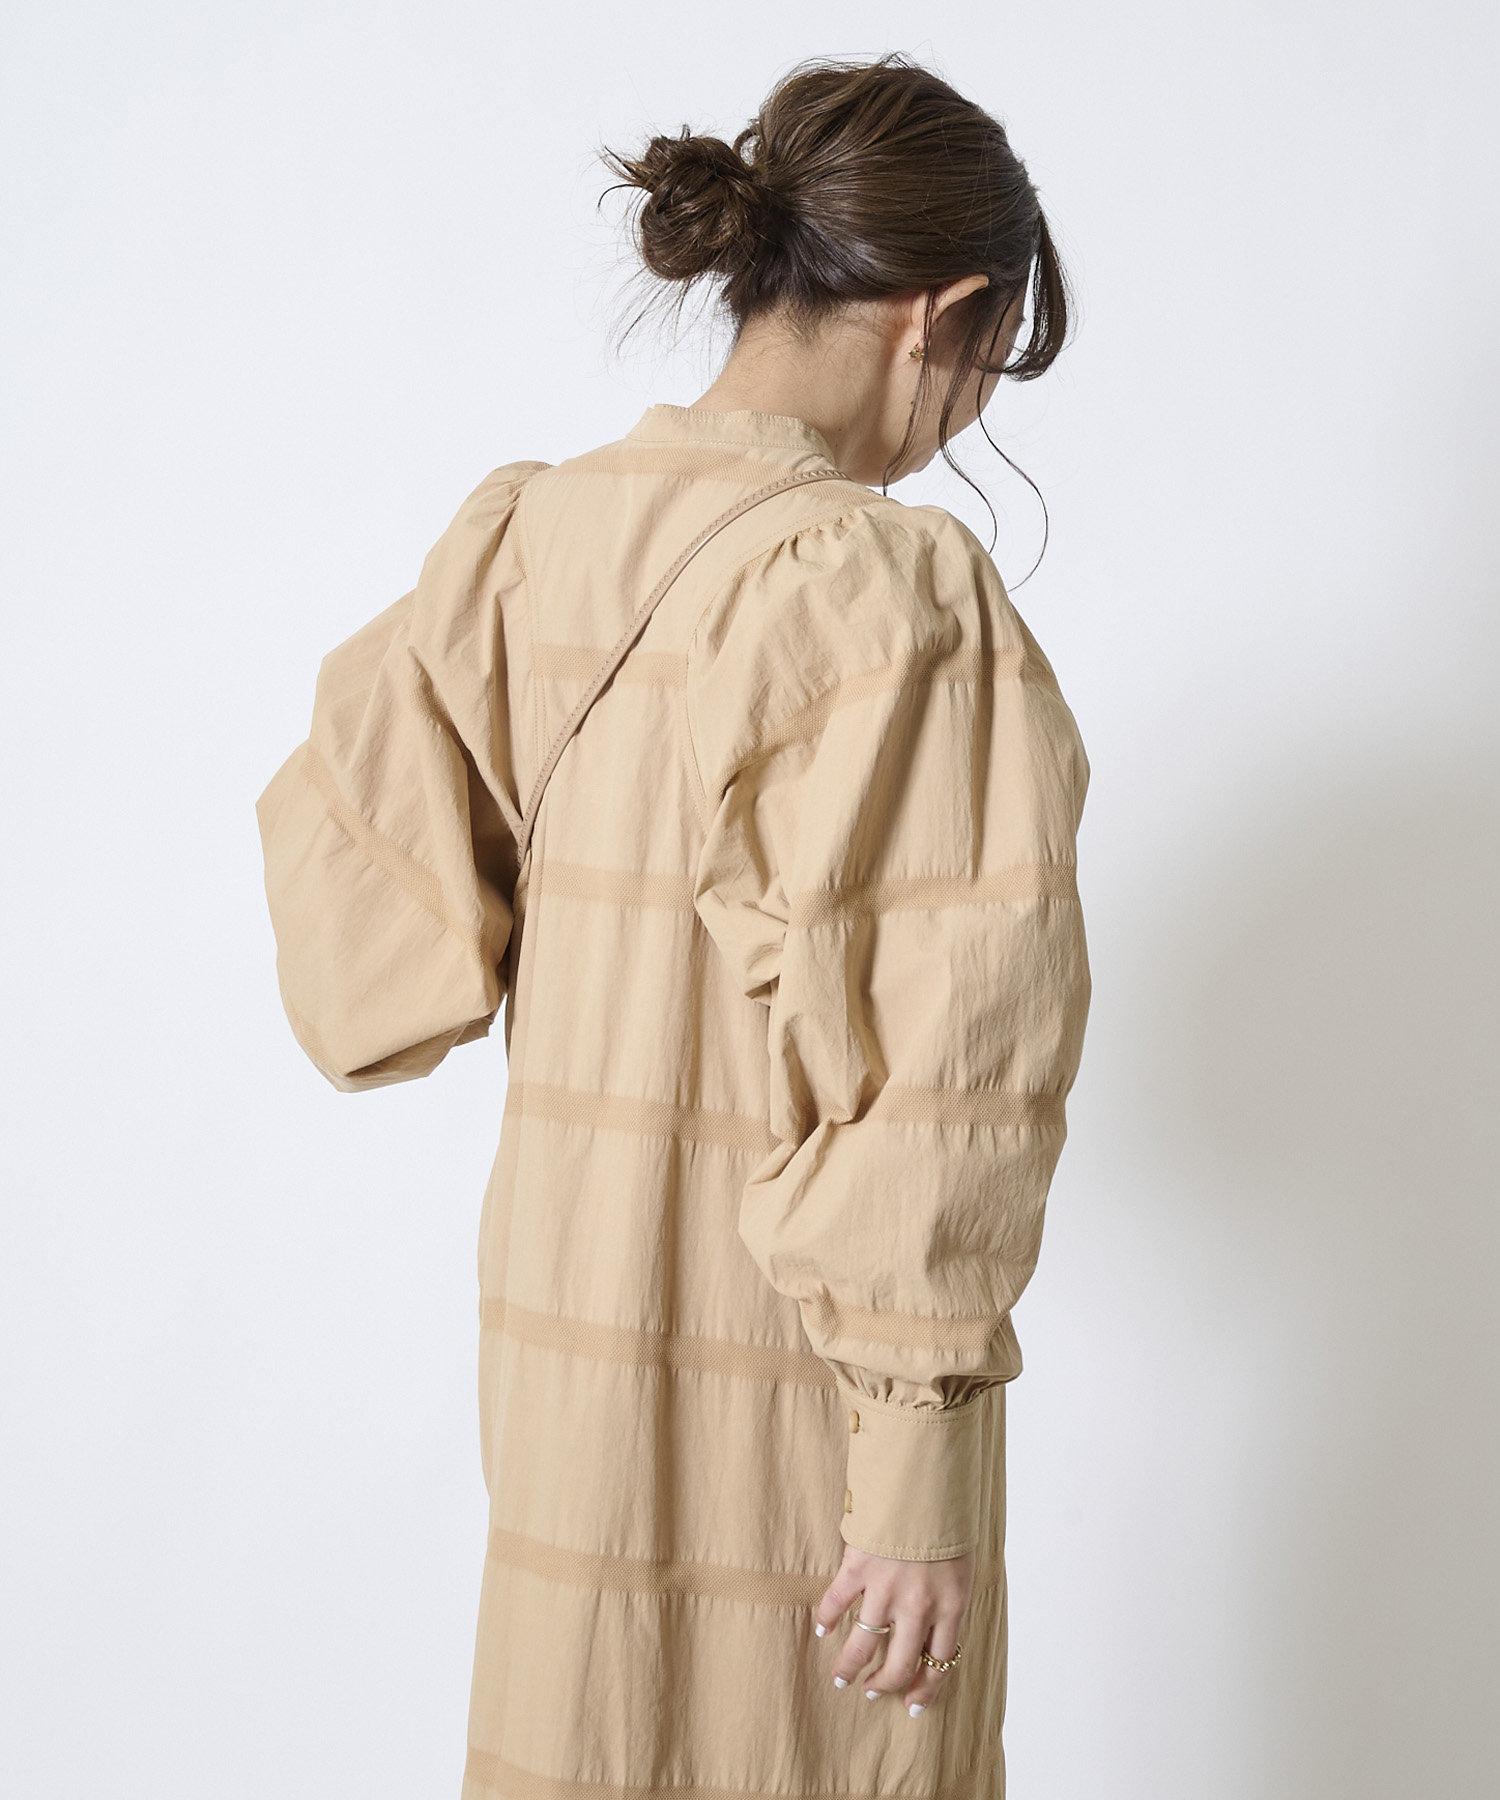 DOUDOU(ドゥドゥ) ボーダー織りパフギャザーワンピース